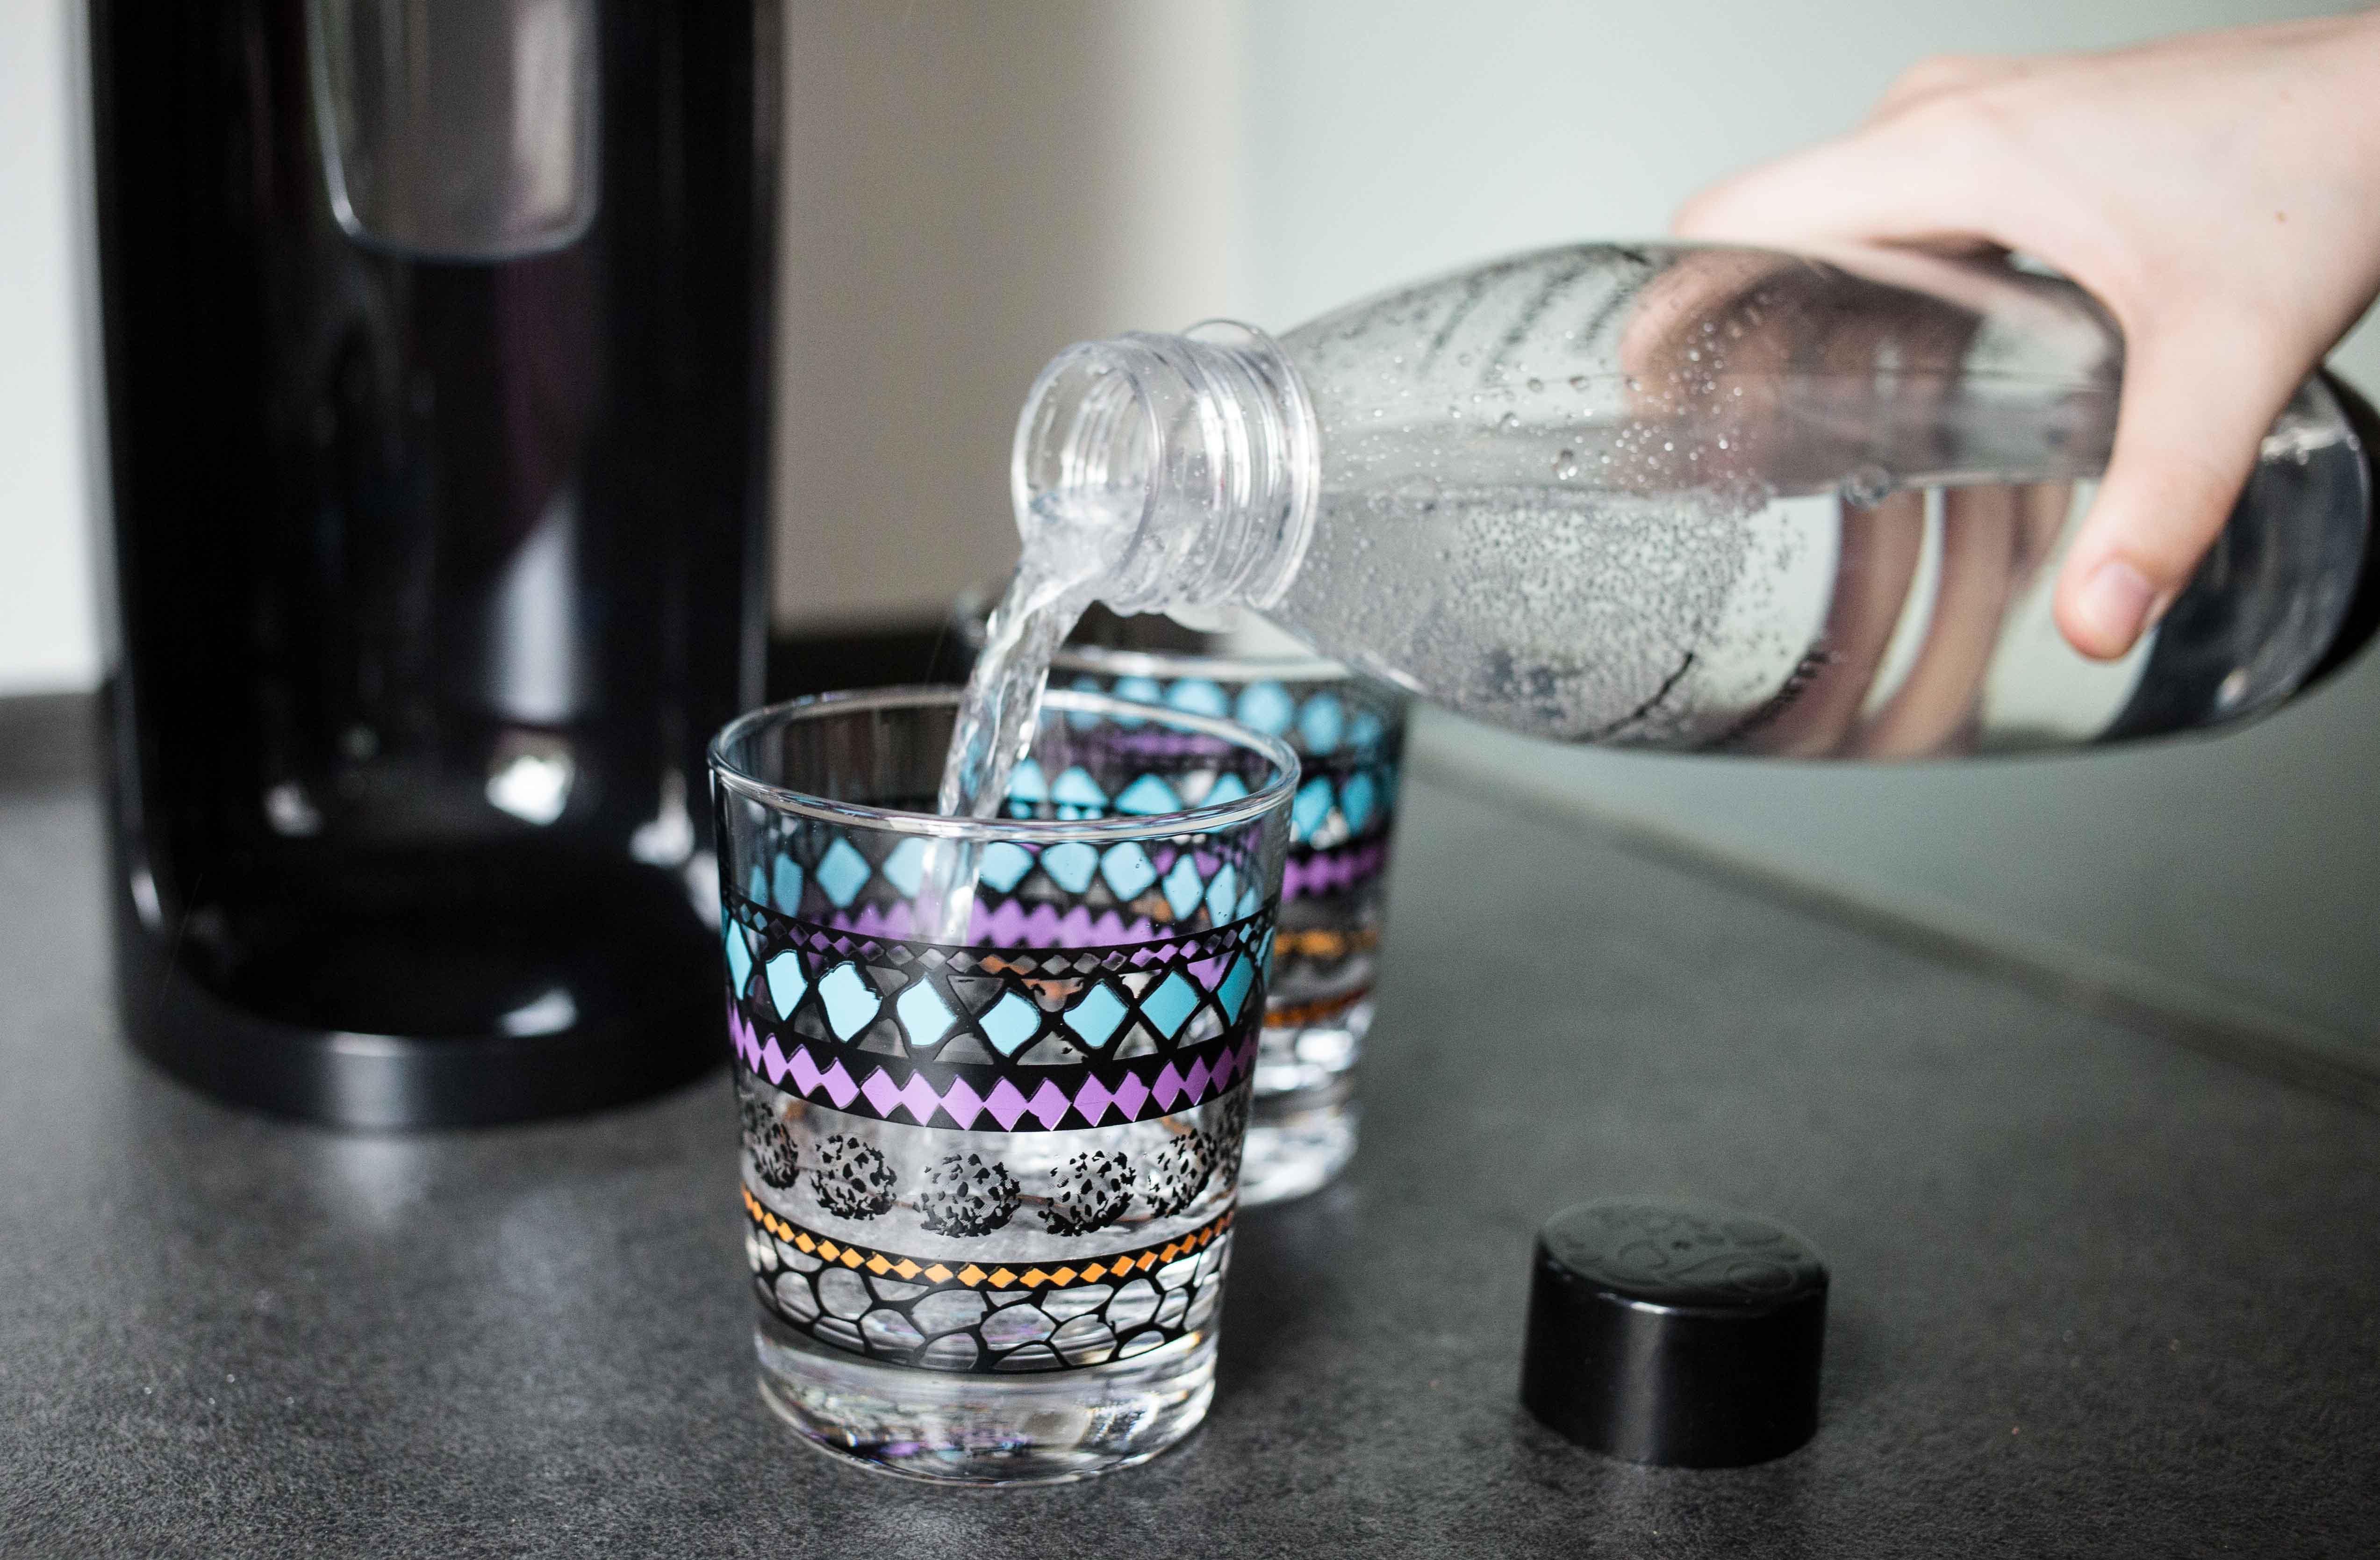 tipps-alltag-trinken-sodastream-easy-wasser-gesund-blog_8370